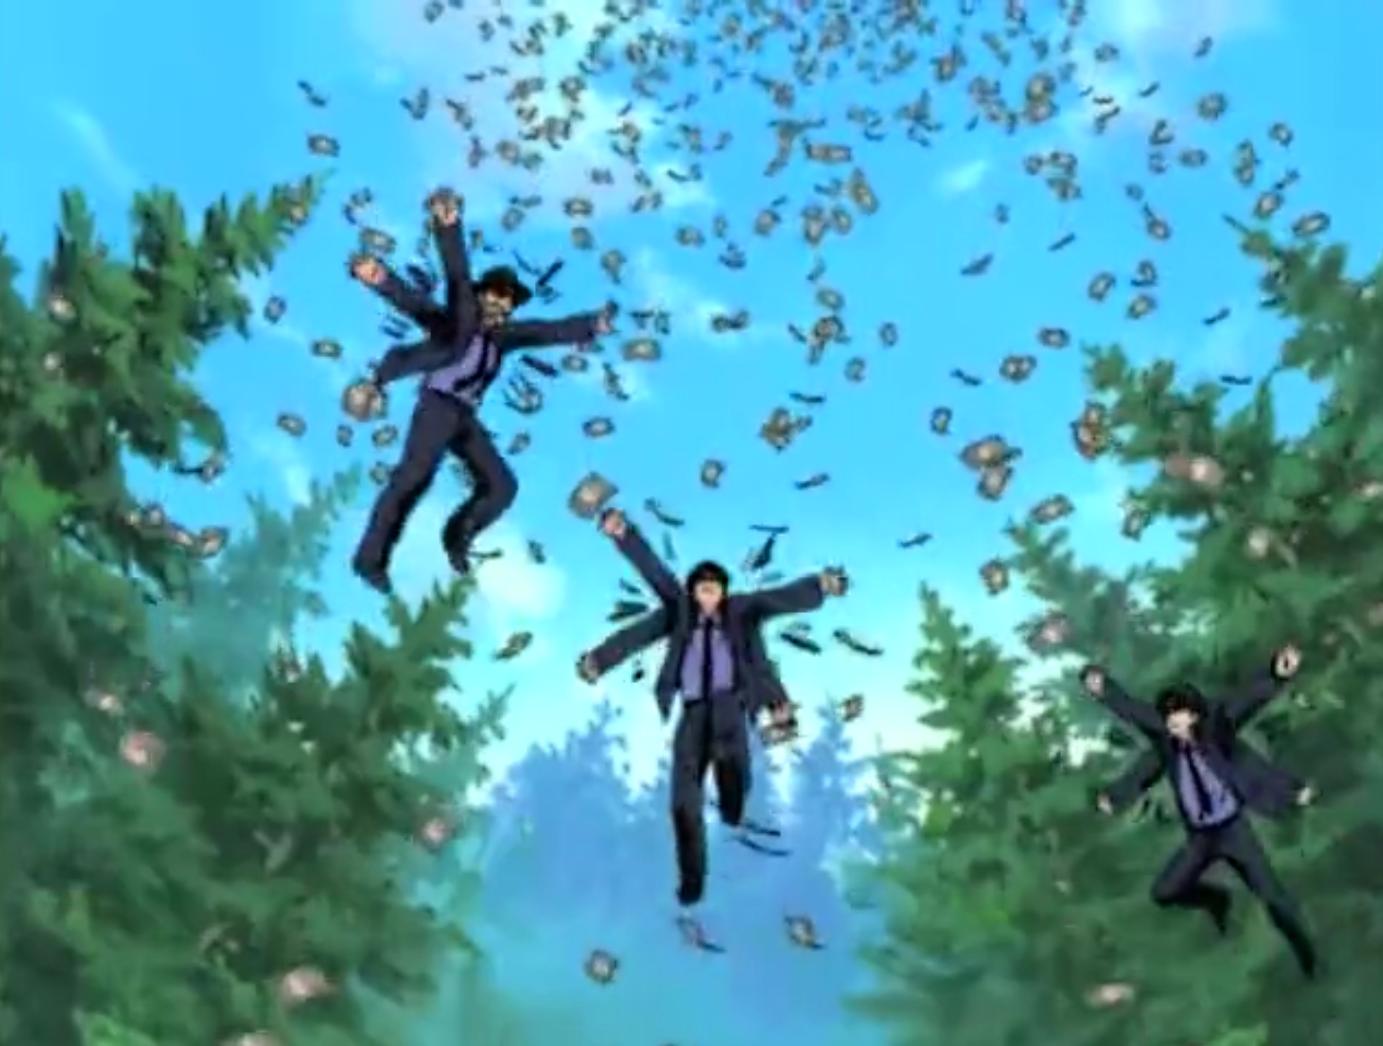 Naruto - Episódio 174: Impossível! Celebração da Arte Ninja: Jutsu do Estilo Dinheiro!